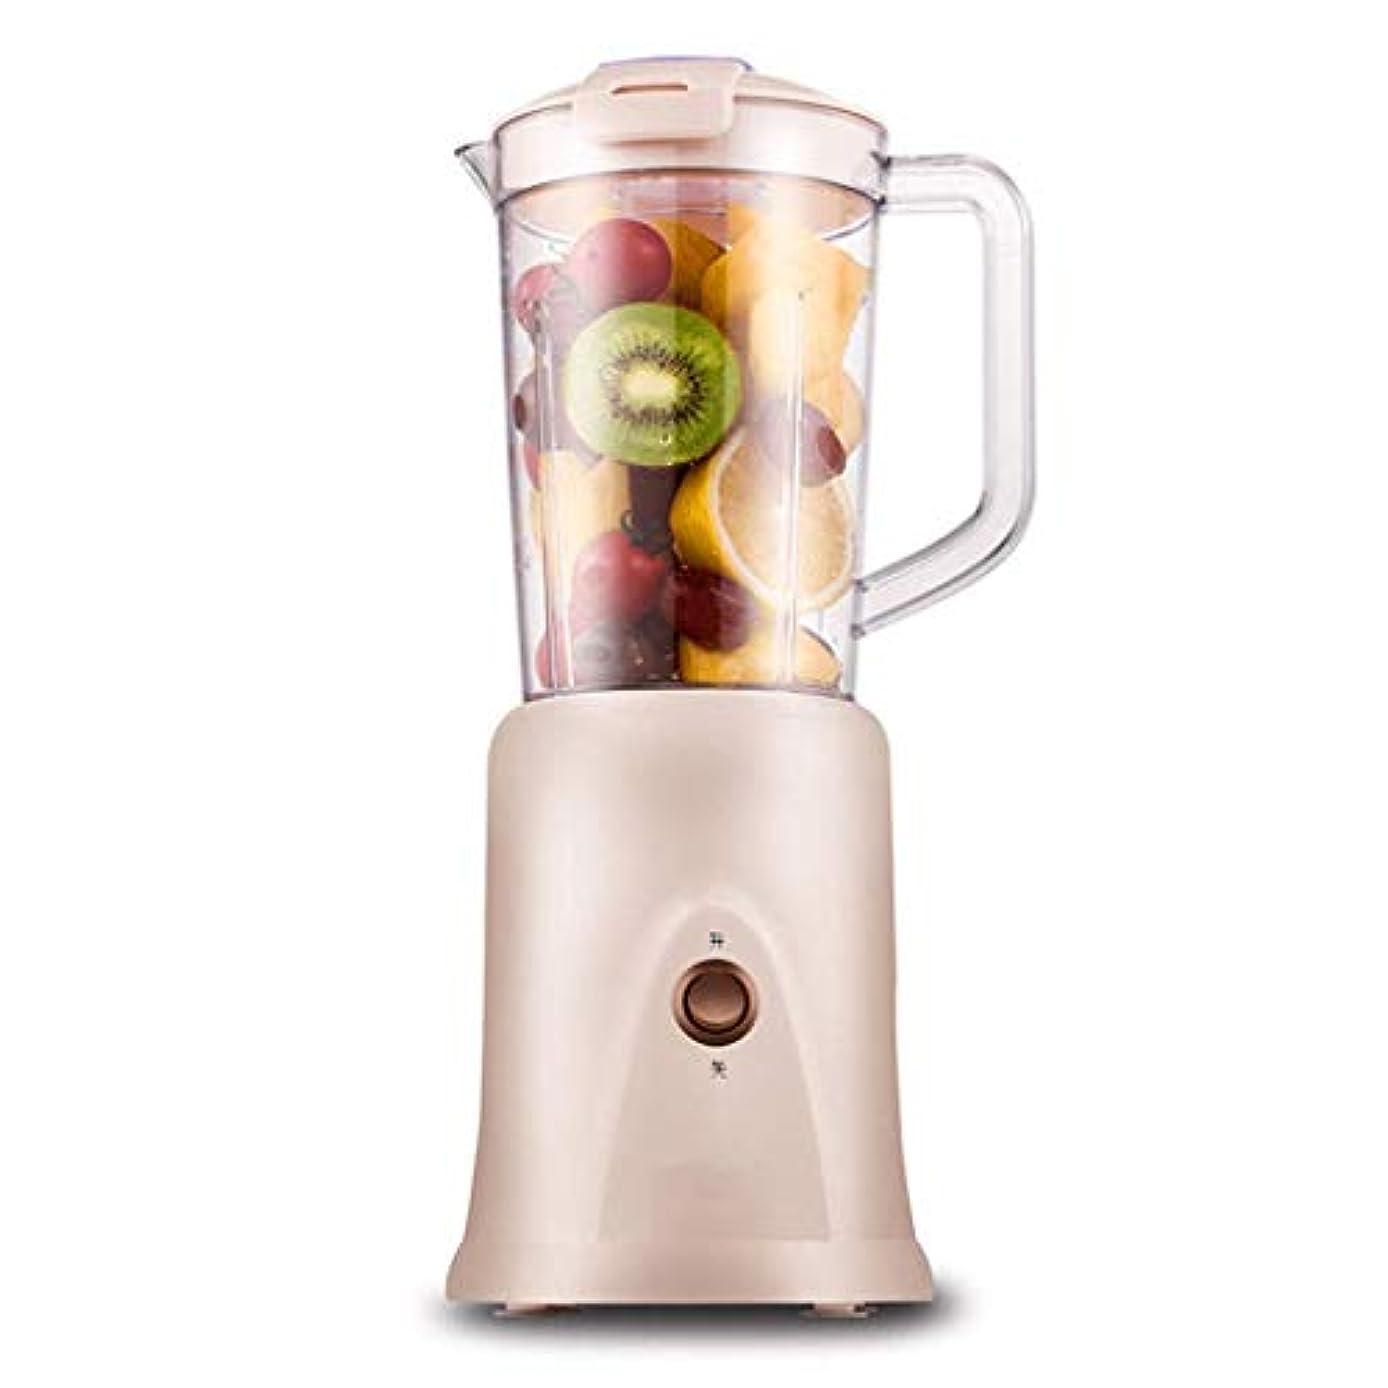 密揺れるレタッチJYC 家庭用ジューサー自動ジューサー家庭用果物と野菜の調理機多機能ミニジュースマシンポータブル